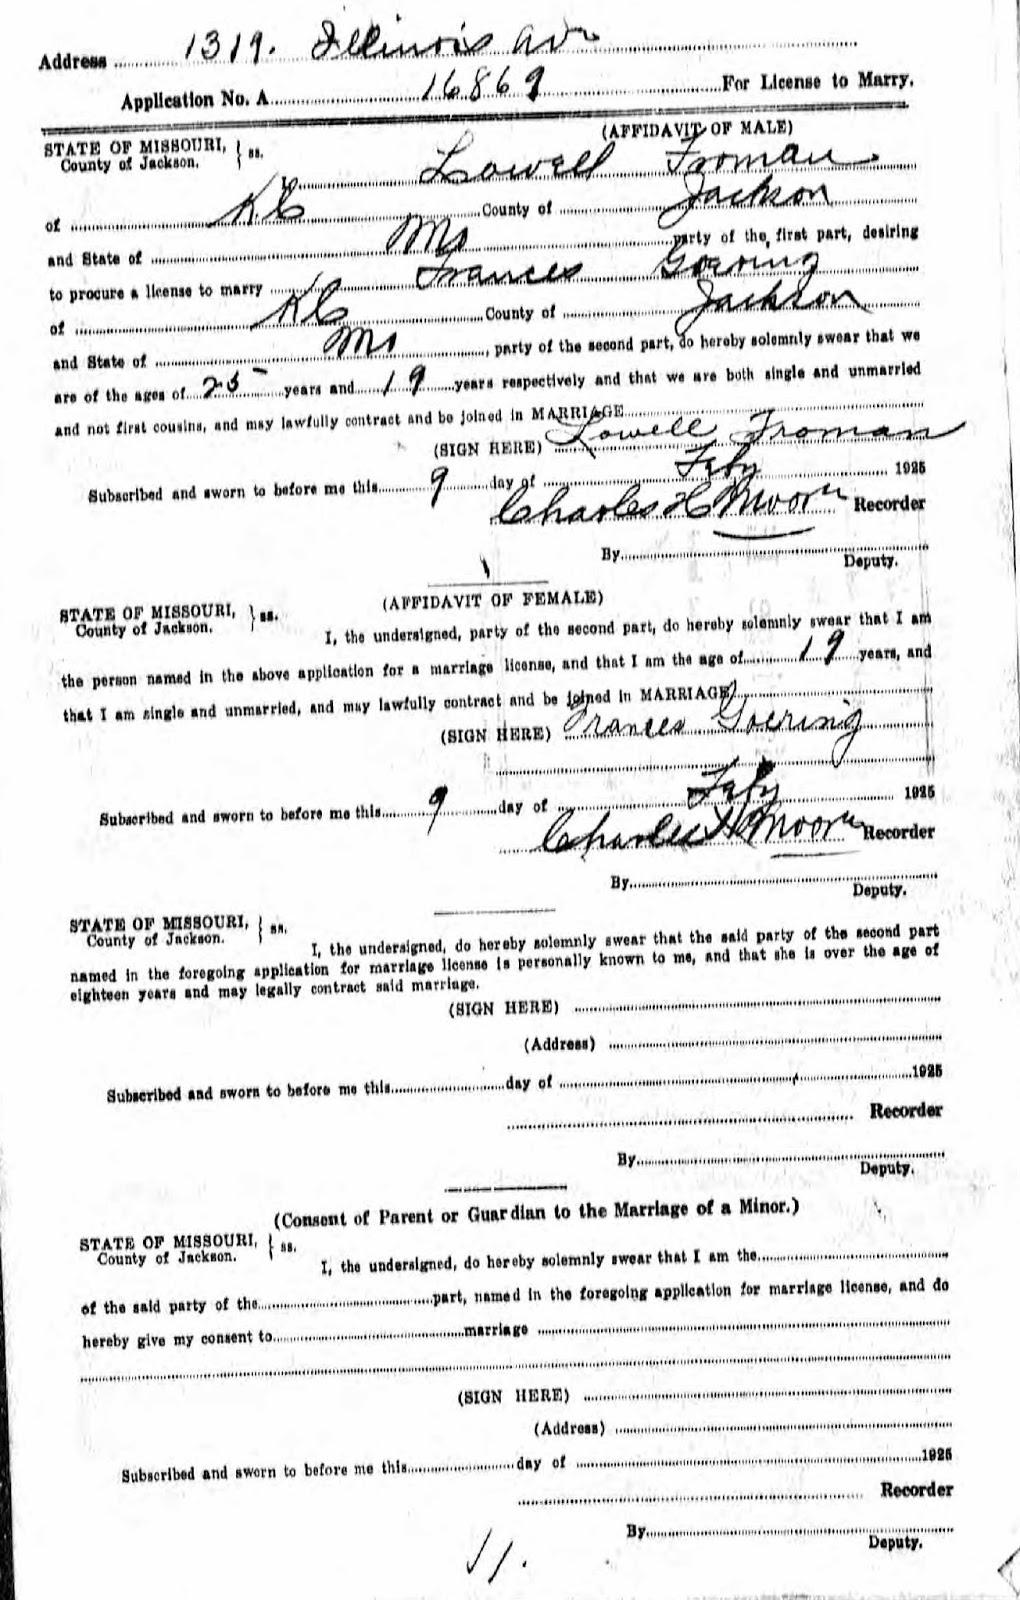 DearMYRTLE's Genealogy Blog: When were Frances Irene